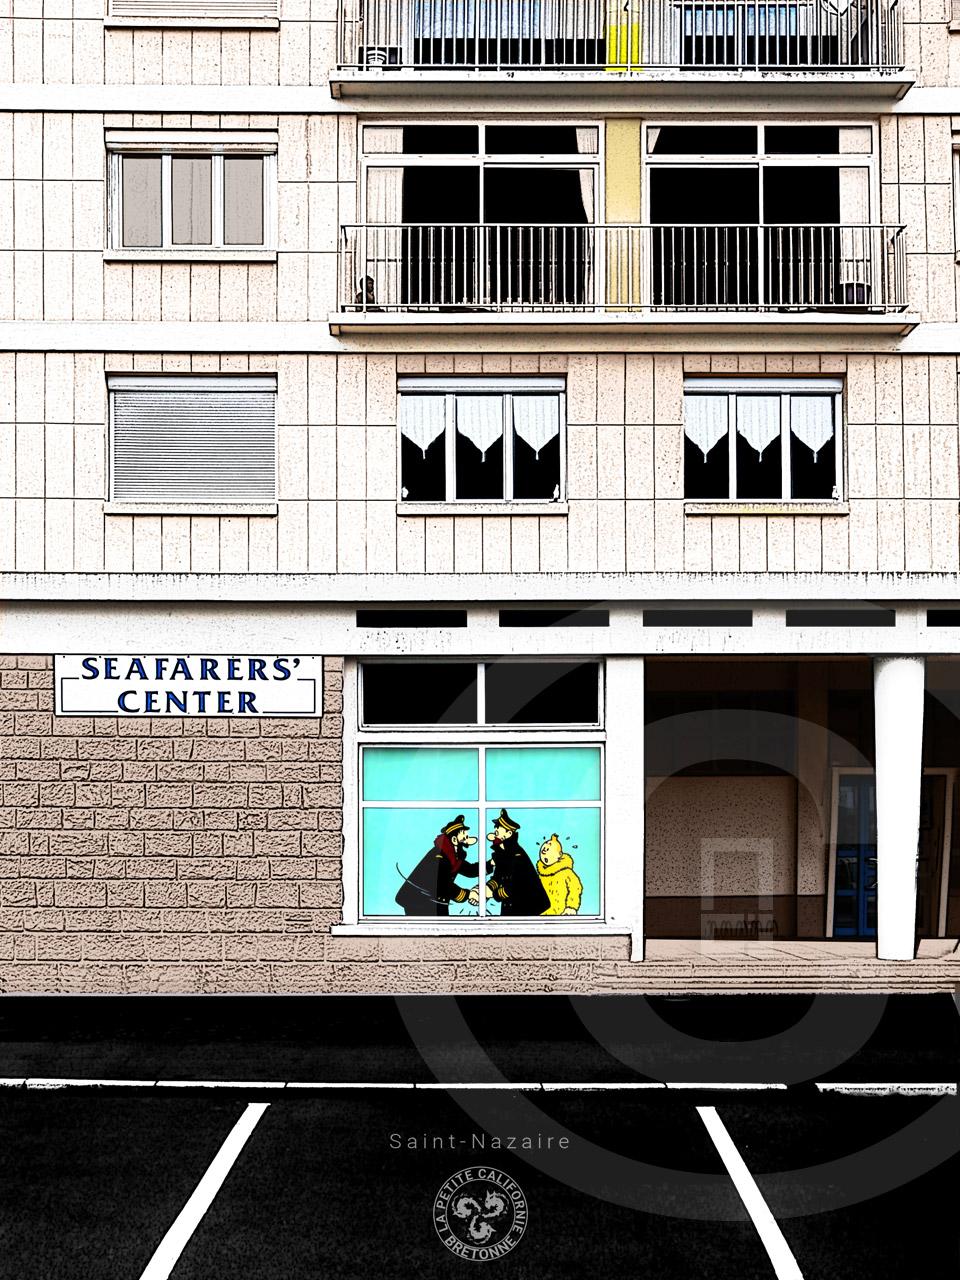 Affiche seafarer's center Saint-Nazaire